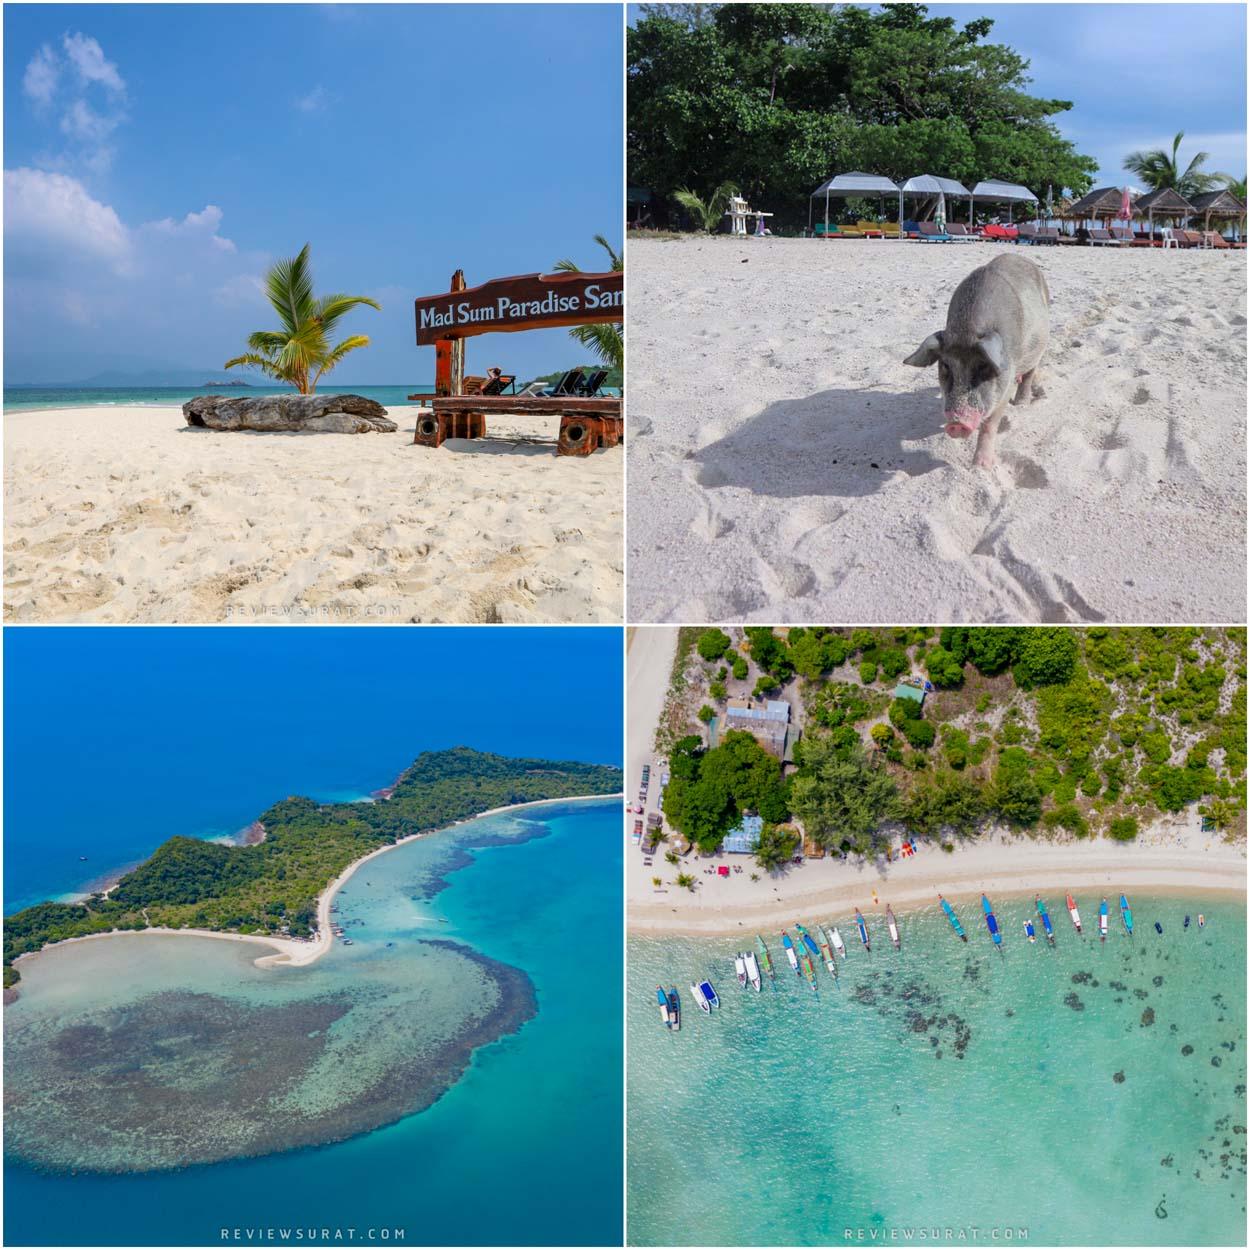 วันชิลลล์กับ เกาะมัดสุม เกาะเล็กๆที่สวยงามพร้อมวิวธรรมชาติสีเขียว หาดทรายสีขาวบอกเลยห้ามพลาด!!